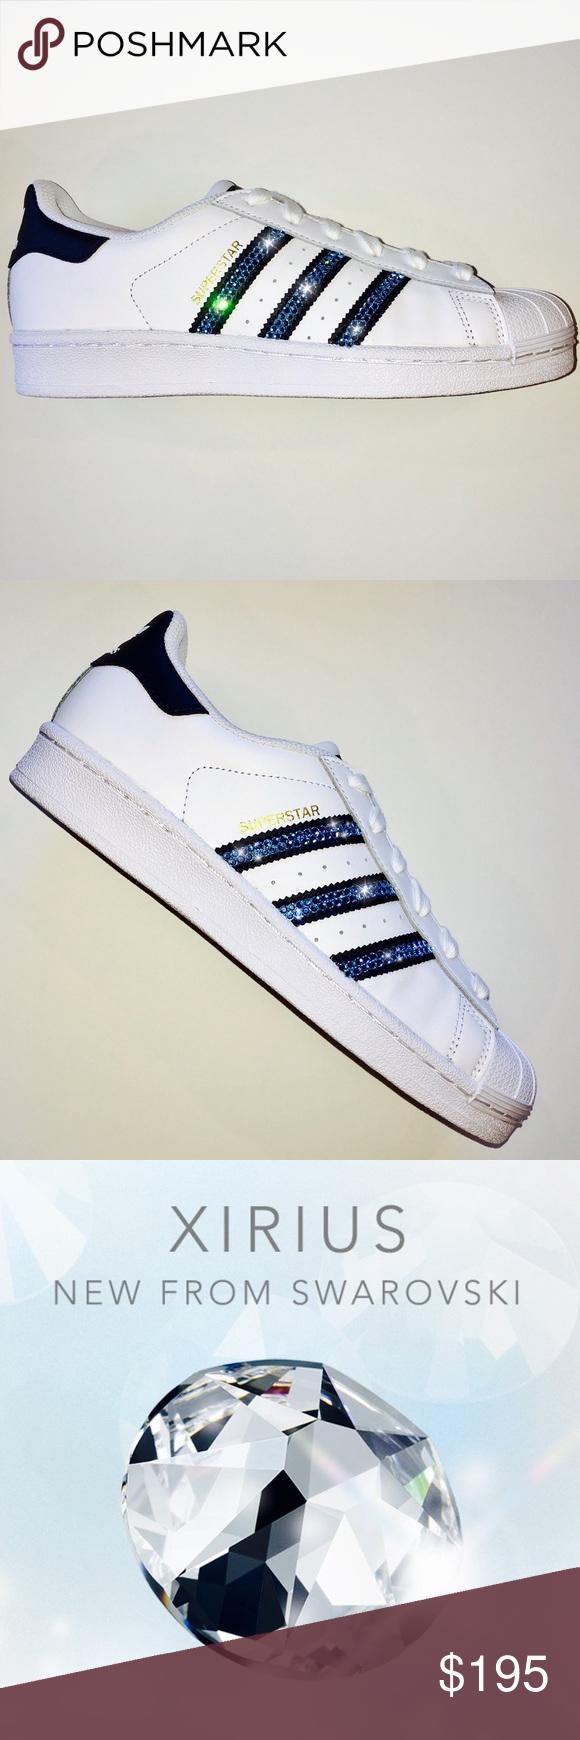 swarovski adidas superstar bling bling scarpe w / blu, scarpe adidas